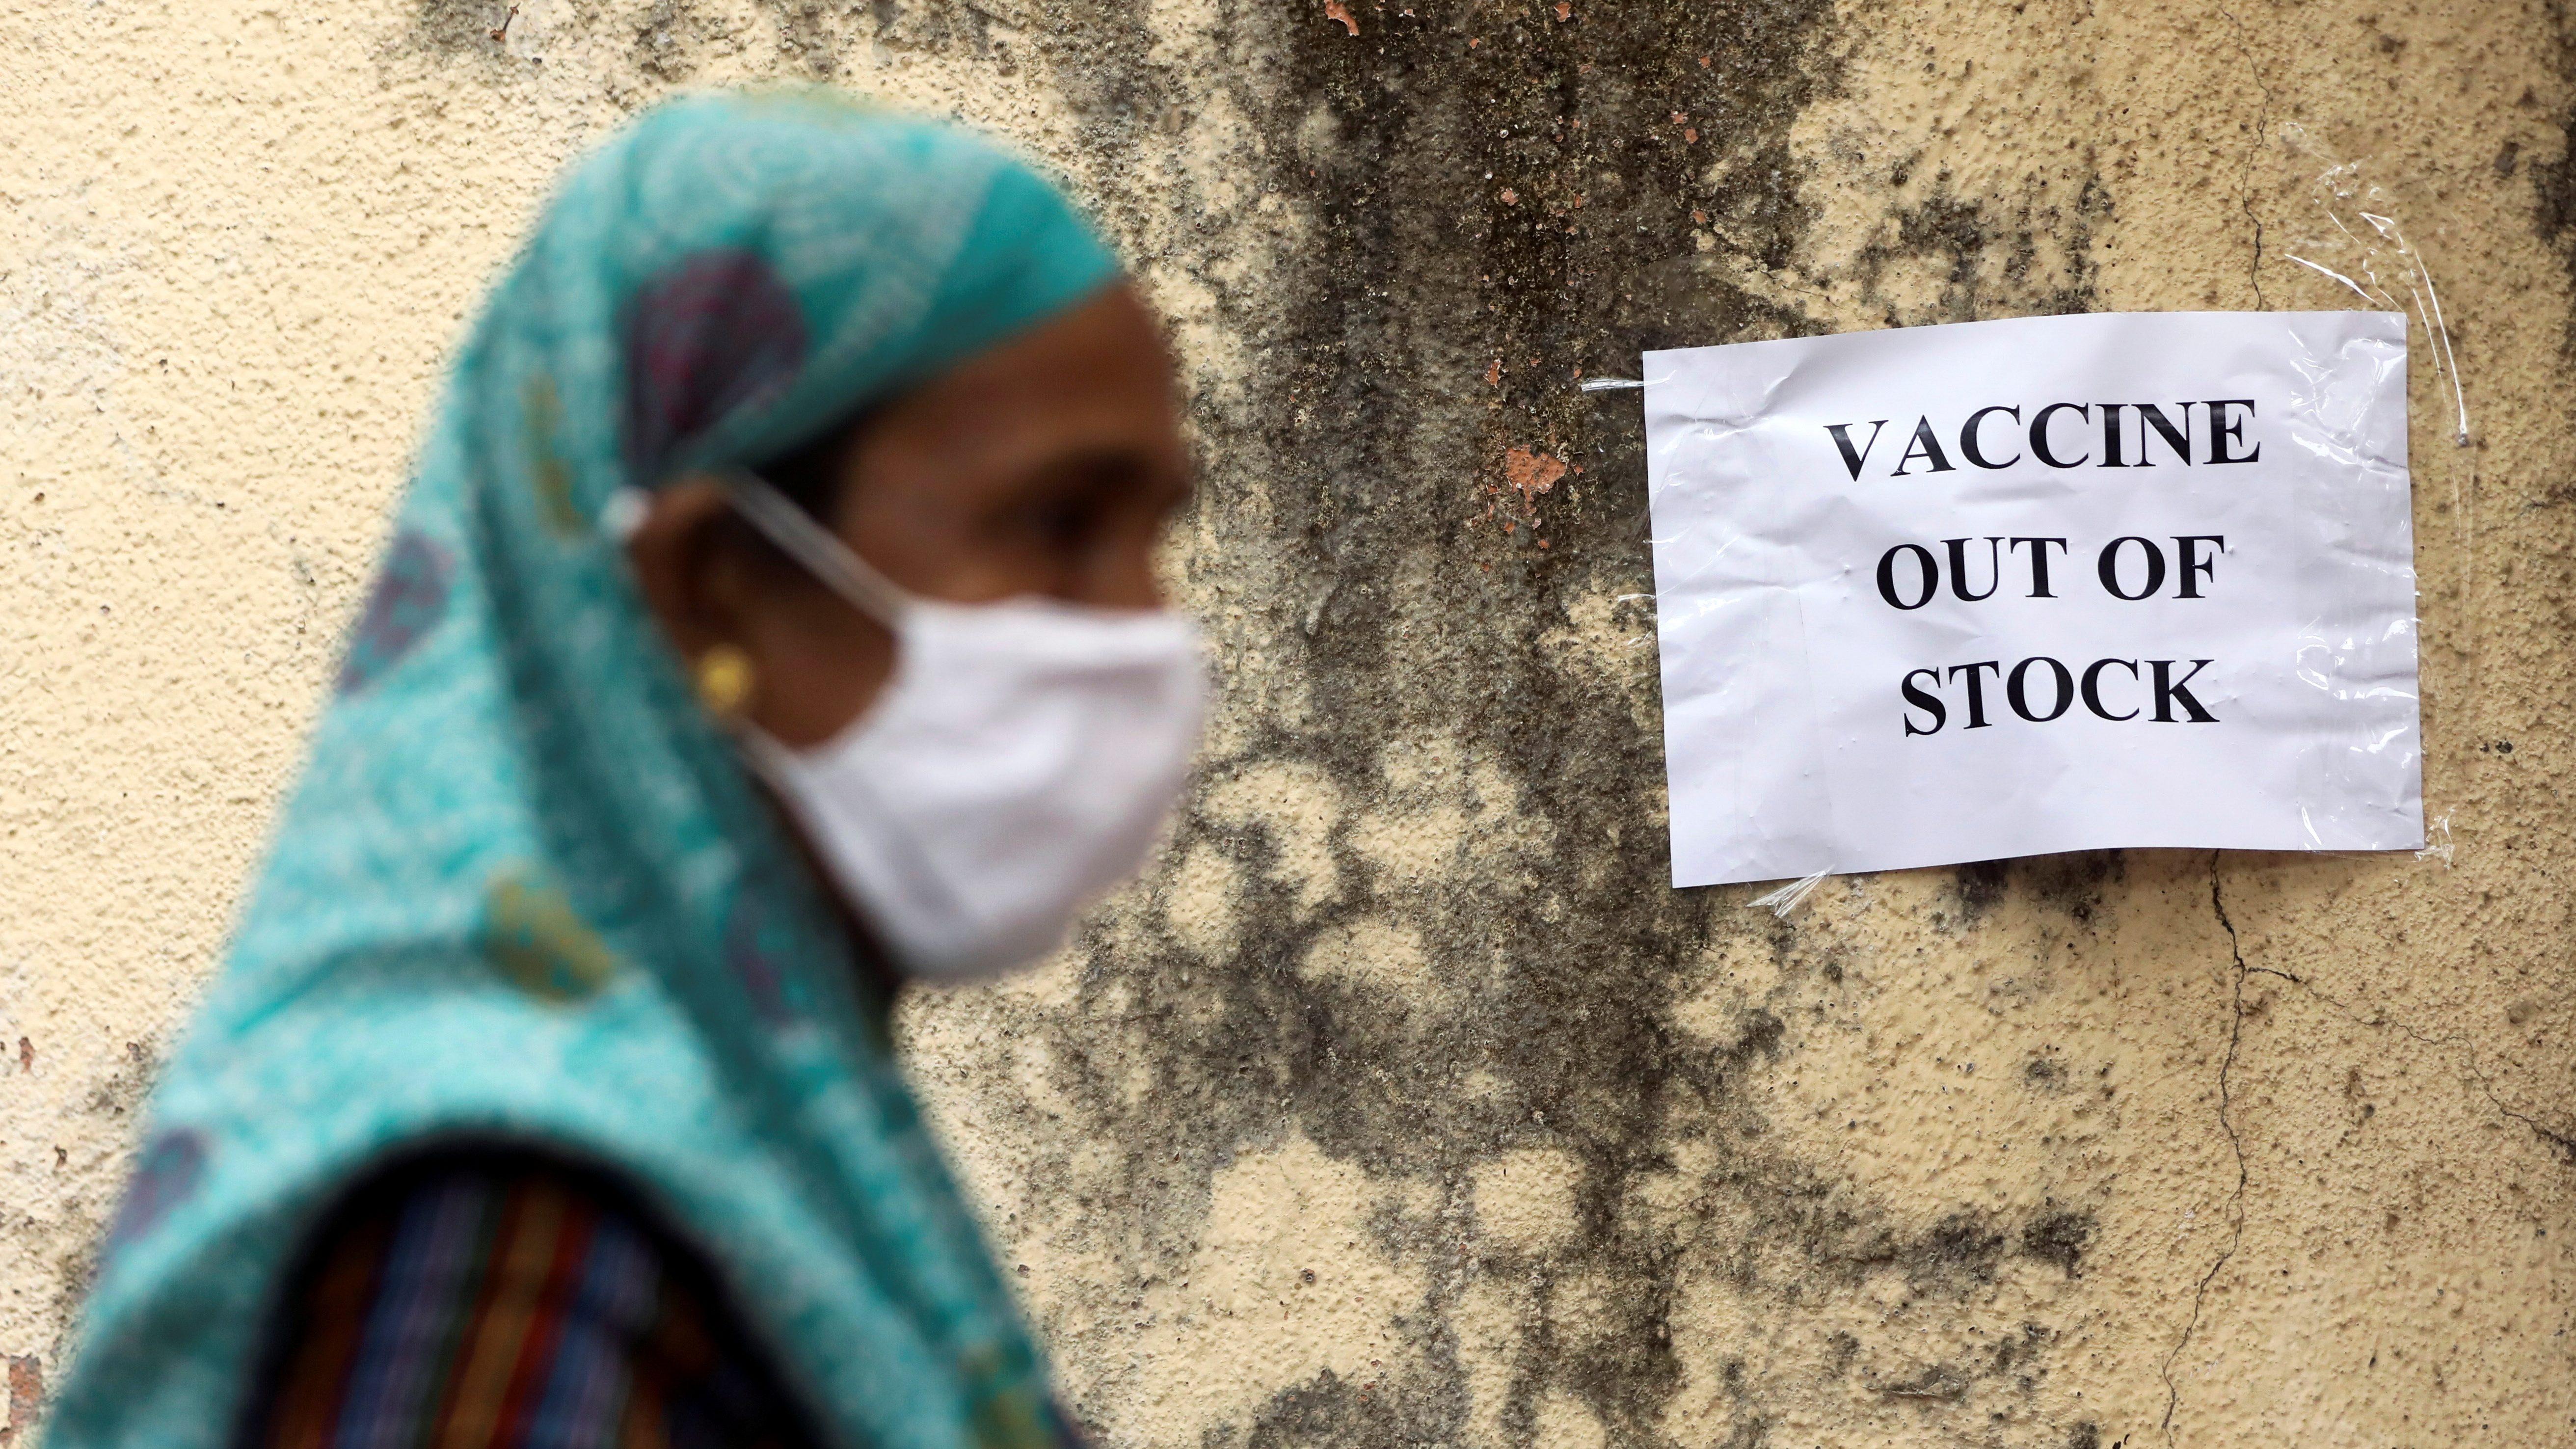 Outbreak of the coronavirus disease (COVID-19) in Mumbai